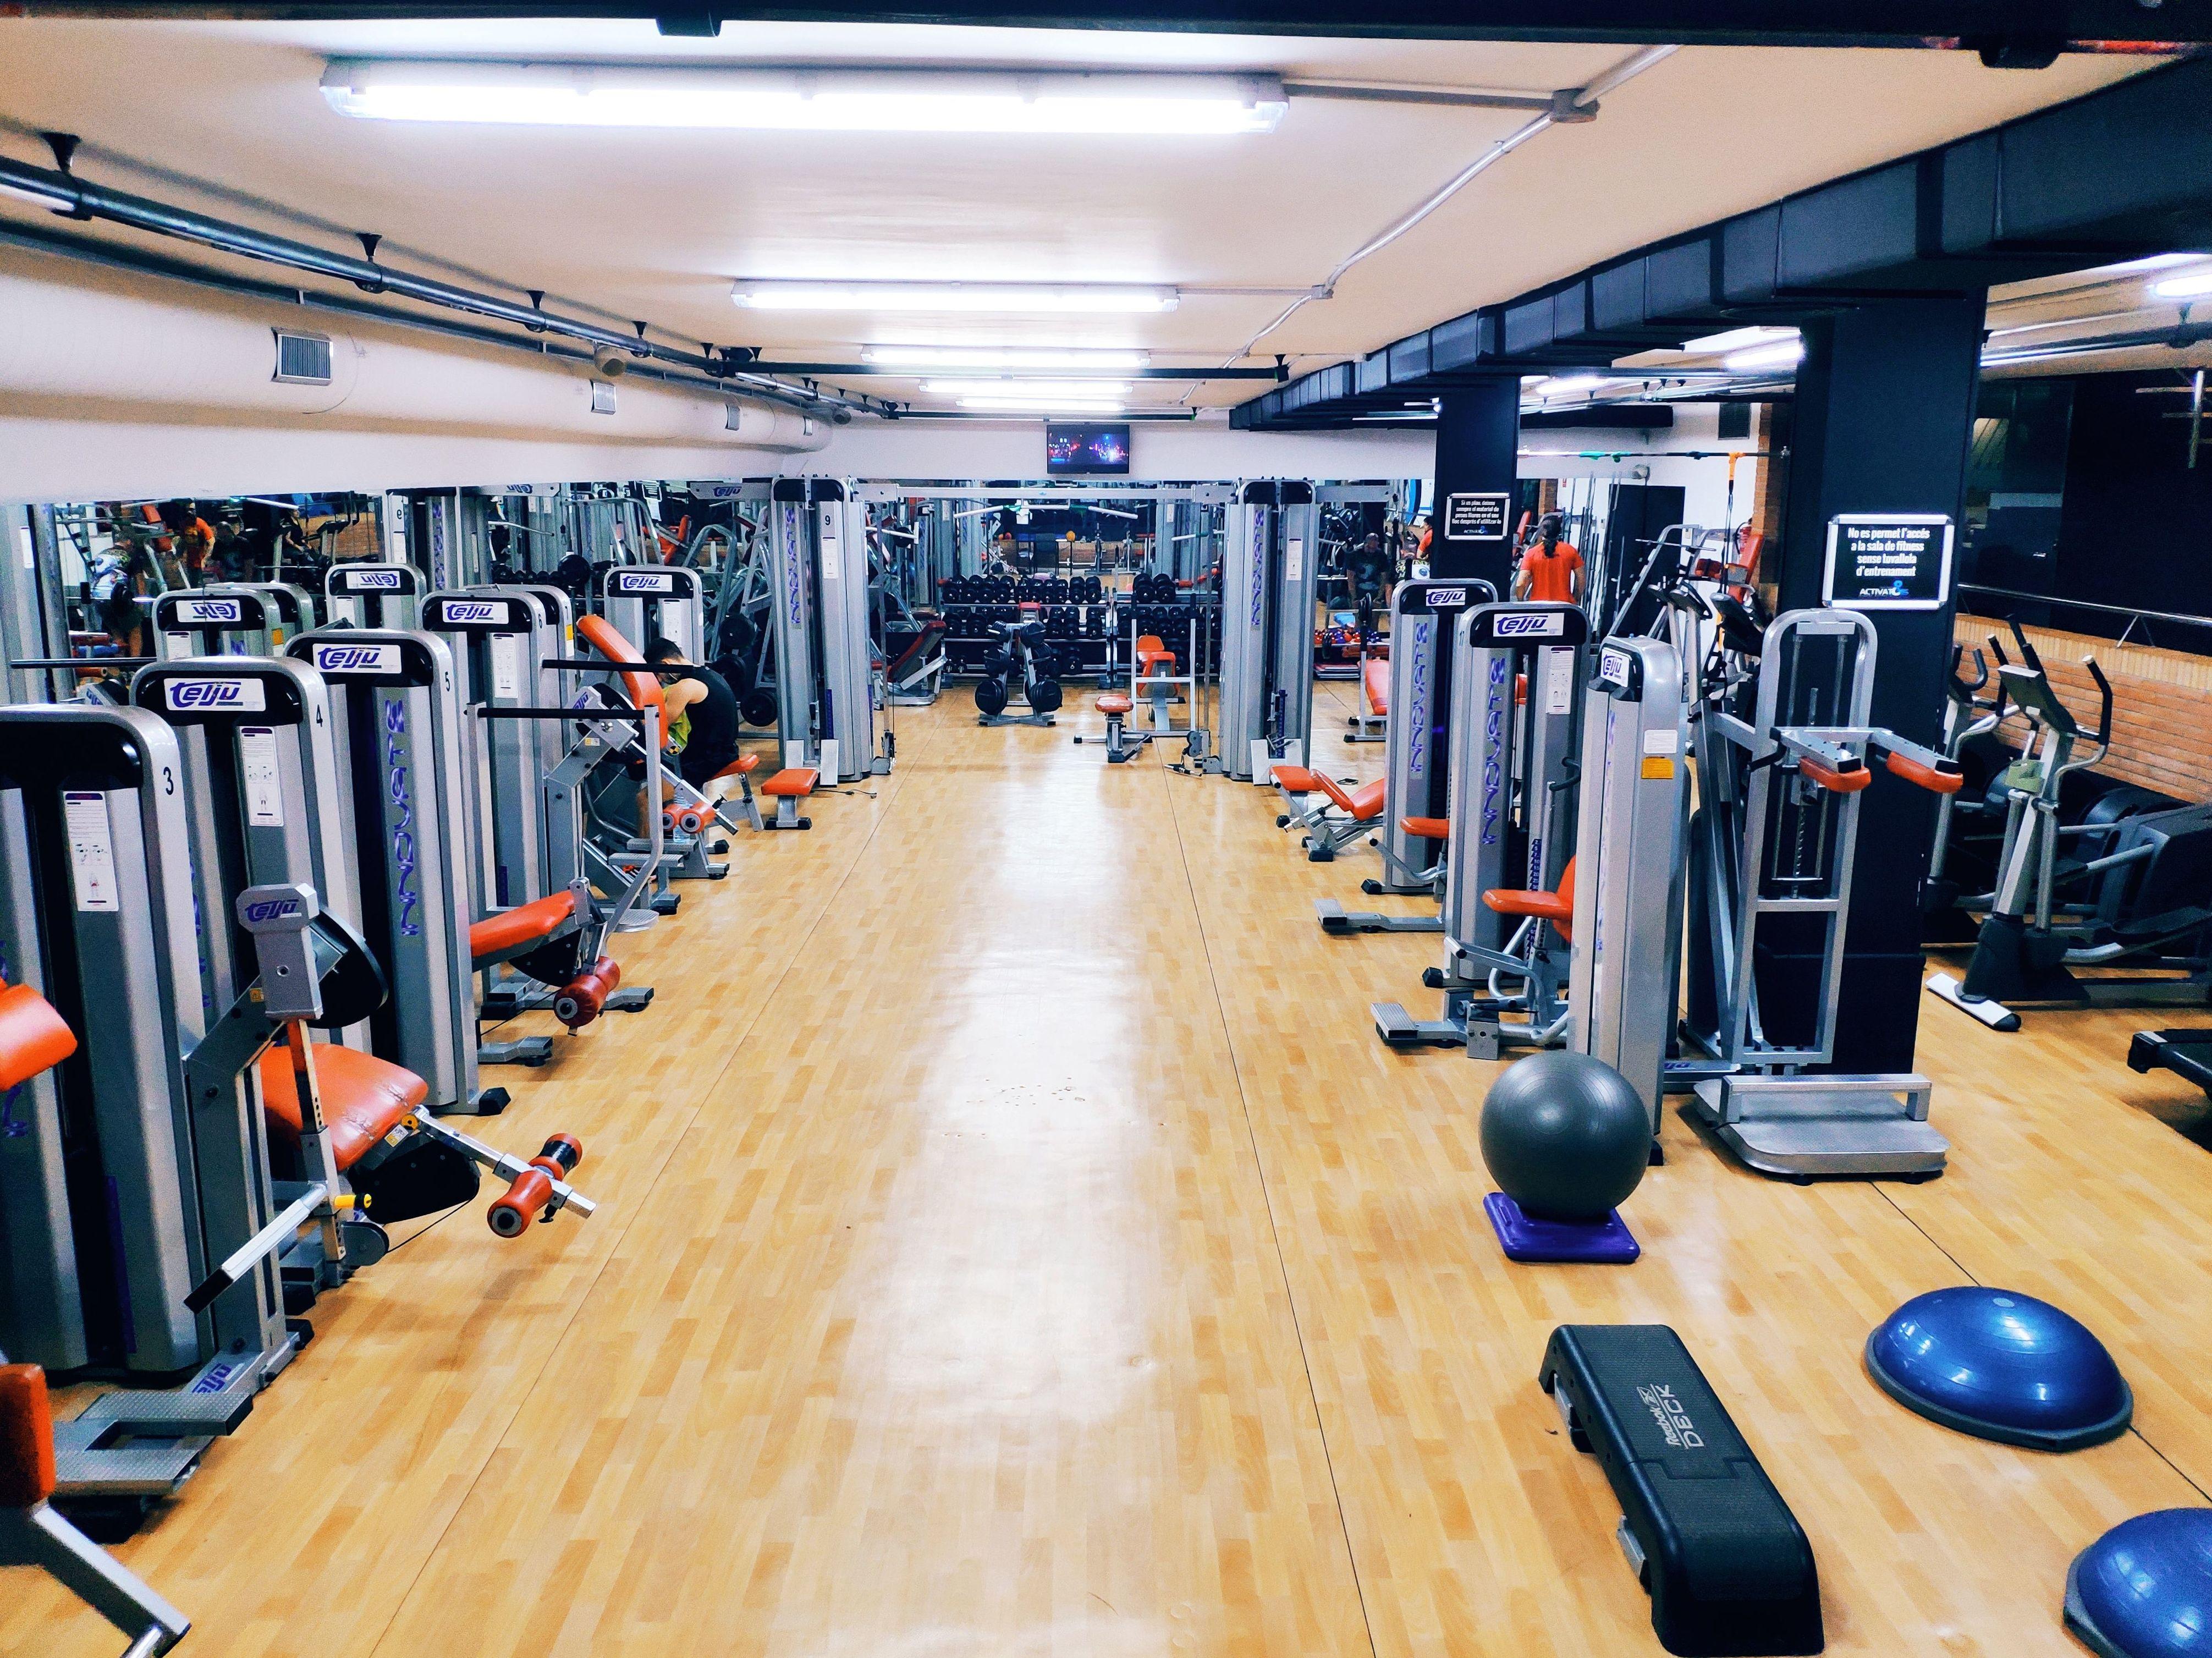 Sala maquinas